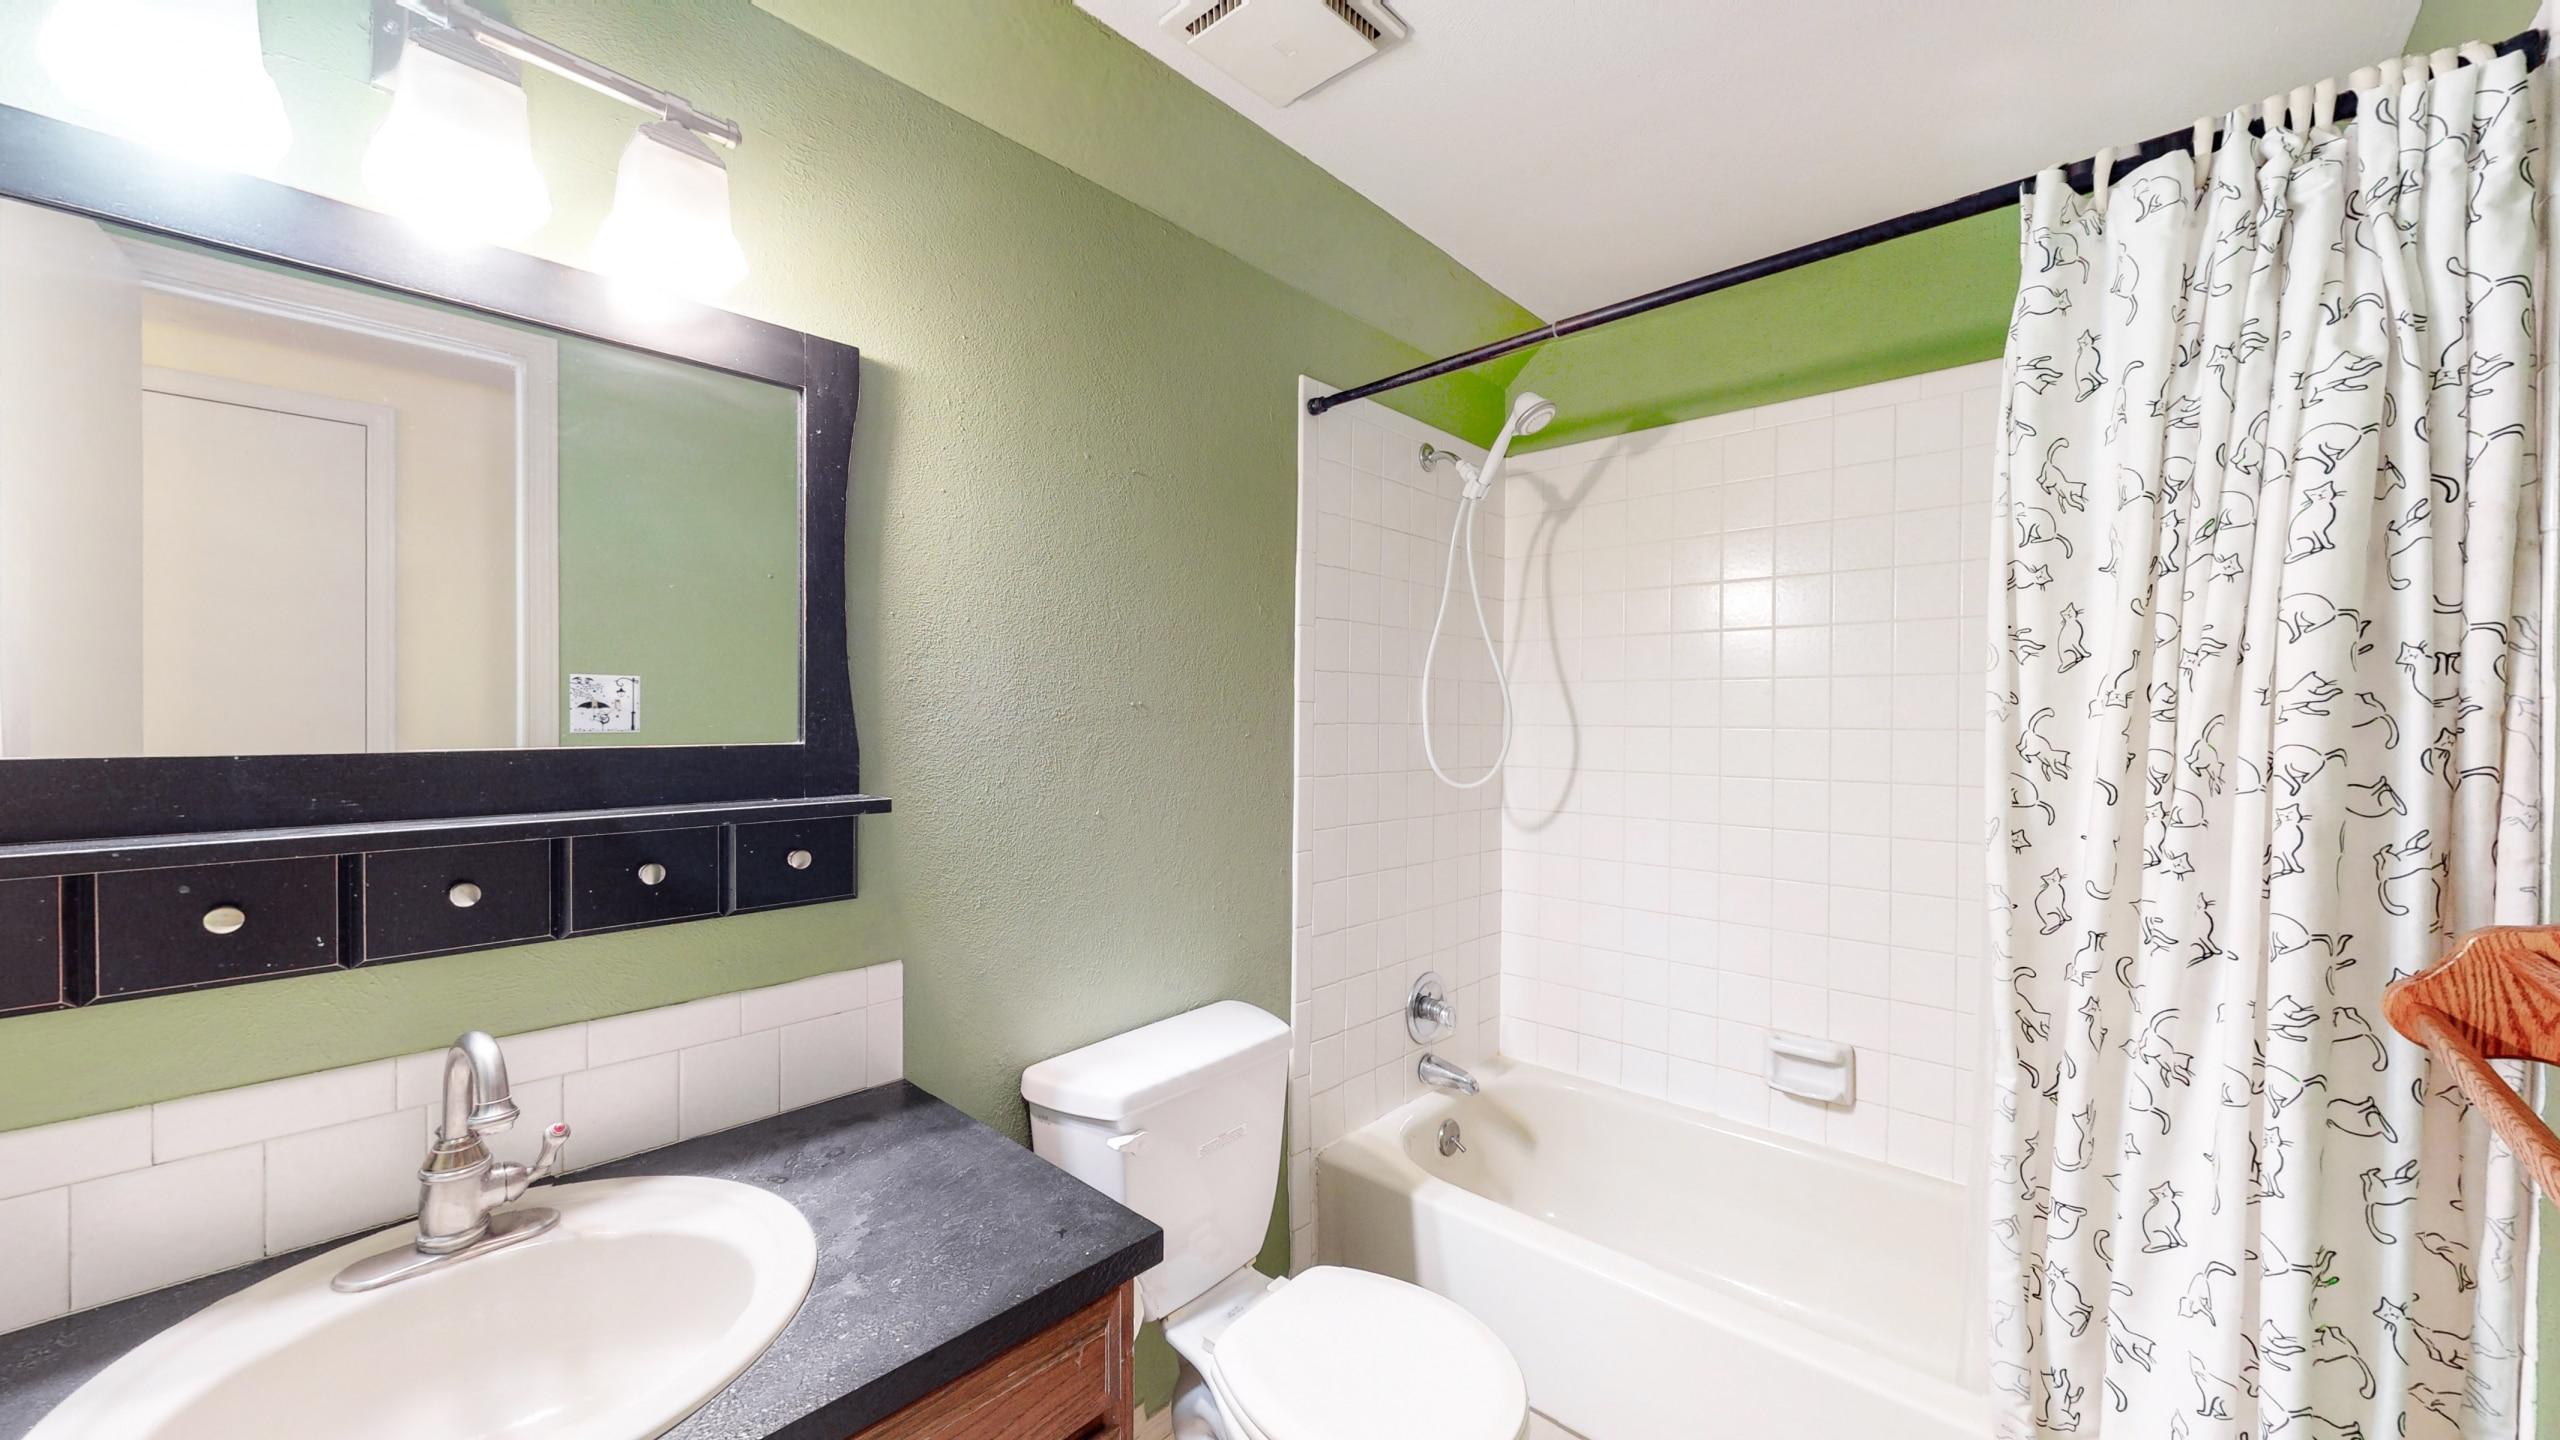 Brighton, CO home for sale, full bathroom, white tile tub, black vanity